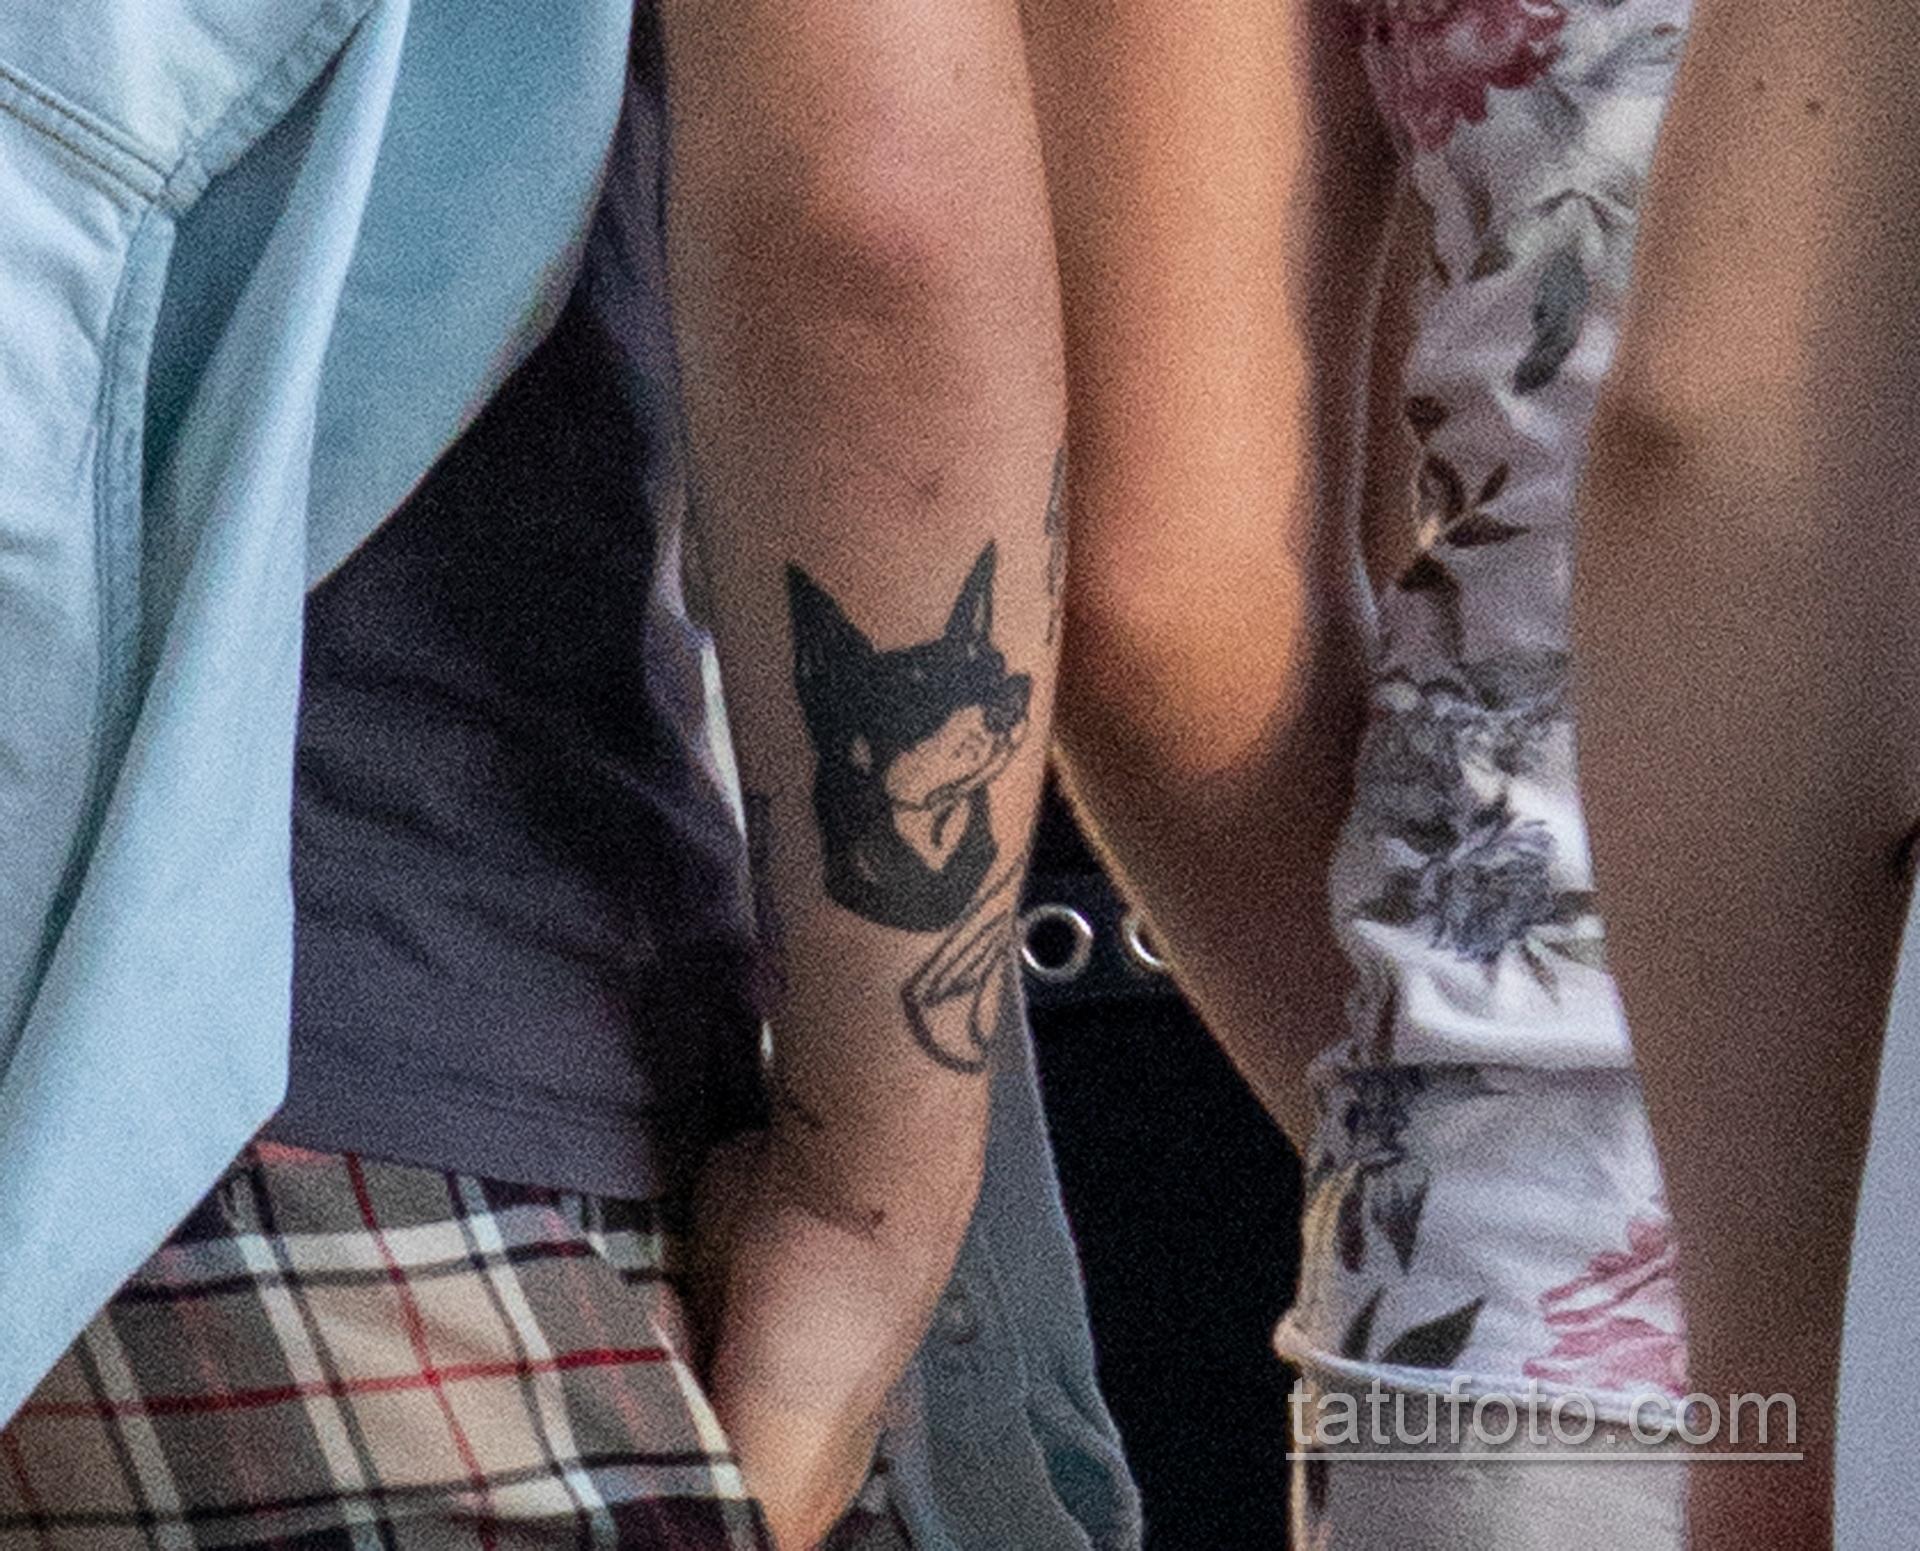 Черная татуировка с мордой овчарки на левой руке парня – Уличная татуировка 14.09.2020 – tatufoto.com 4